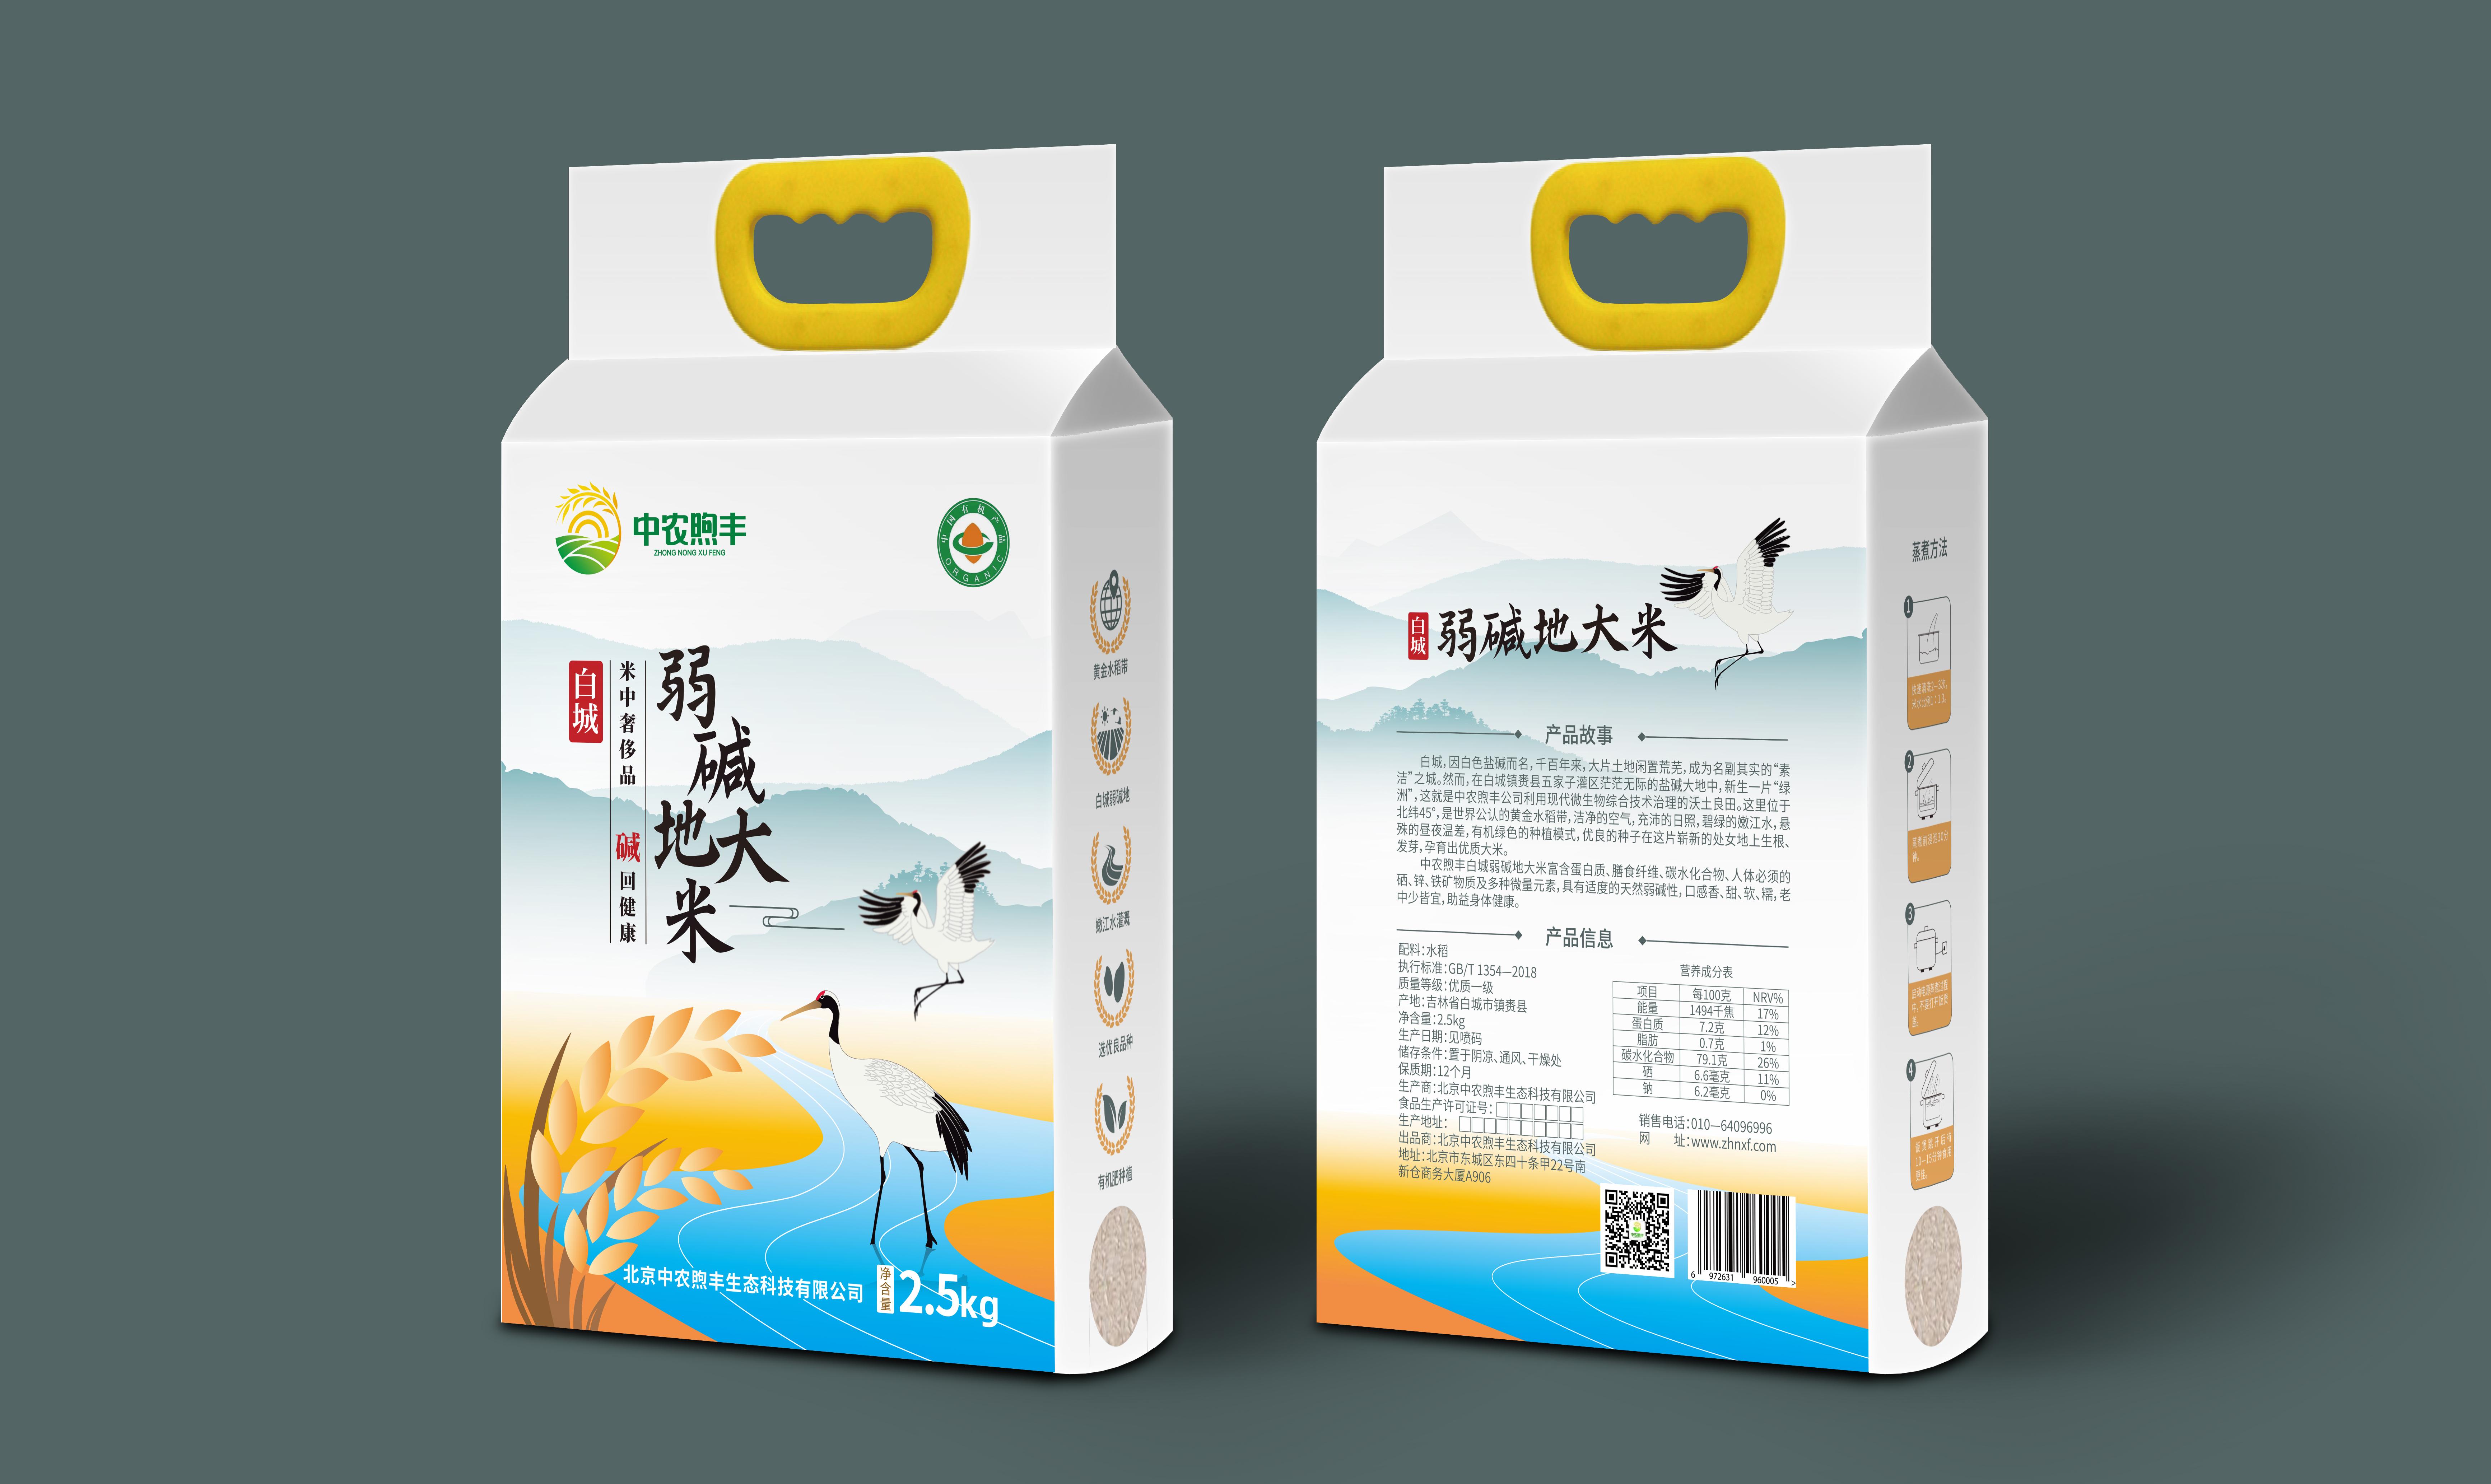 中農煦豐大米品牌包裝設計